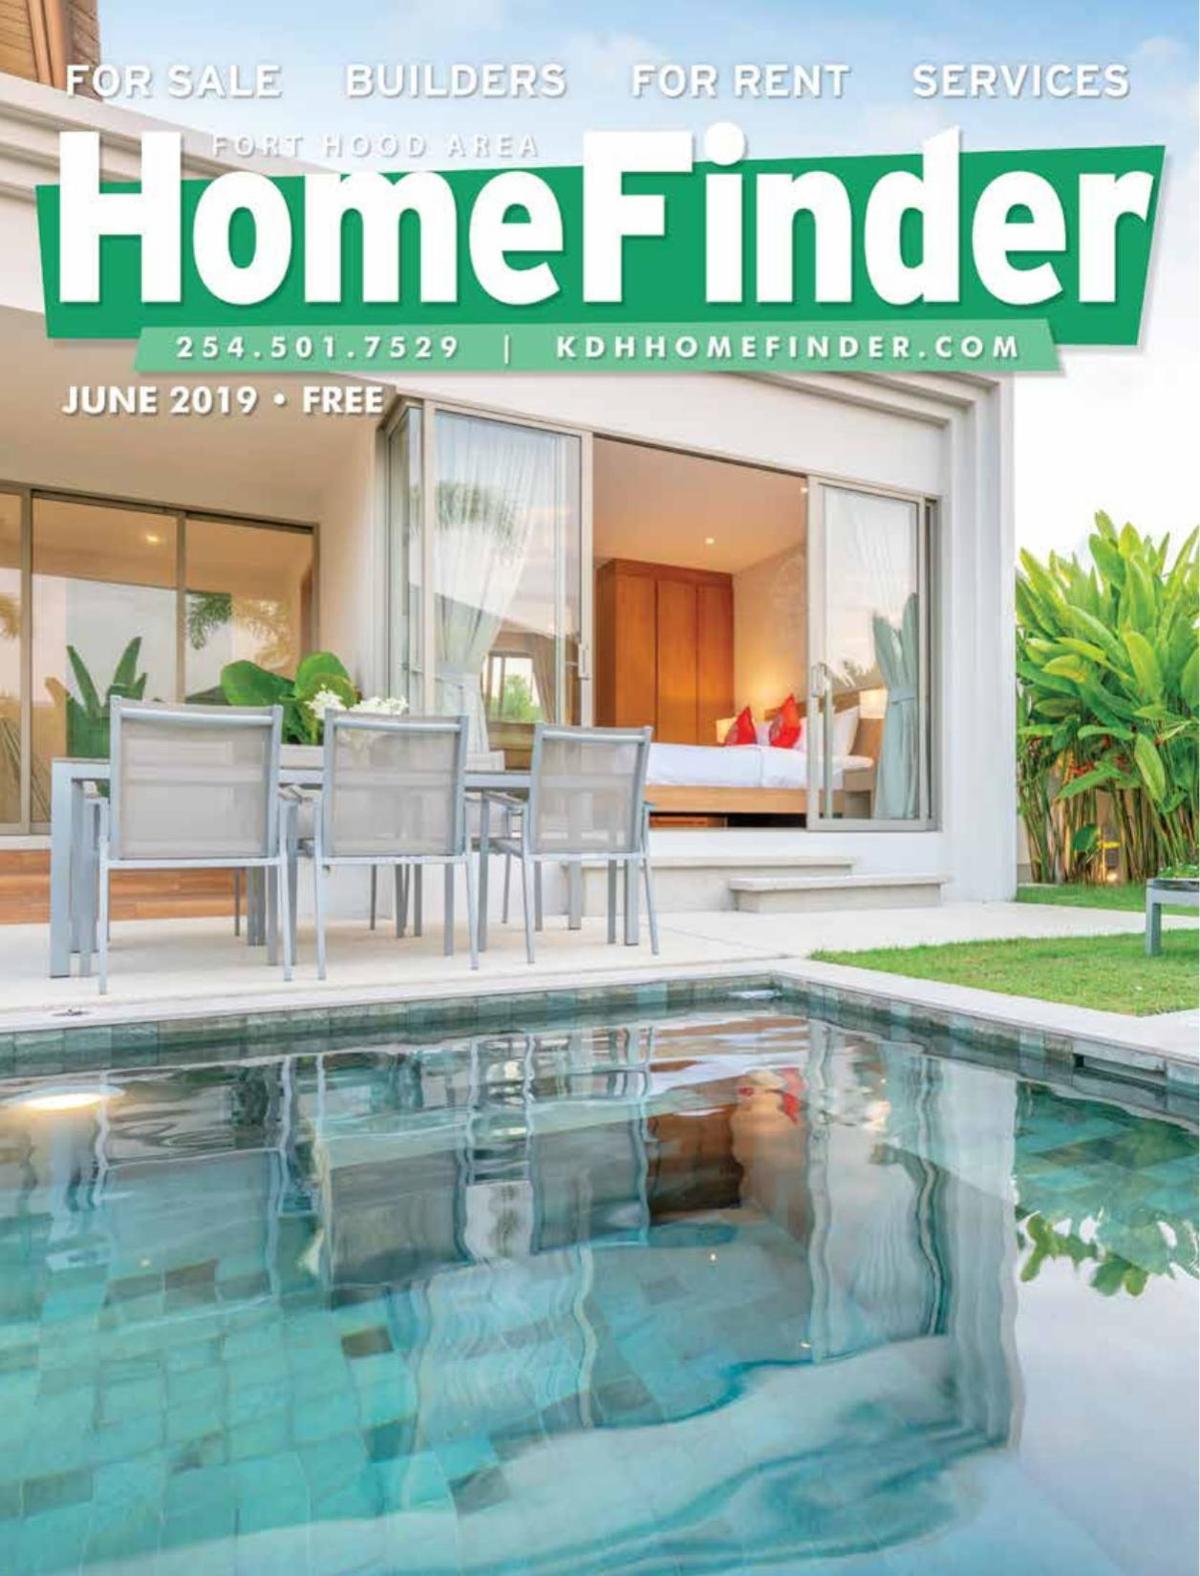 June 2019 Homefinder